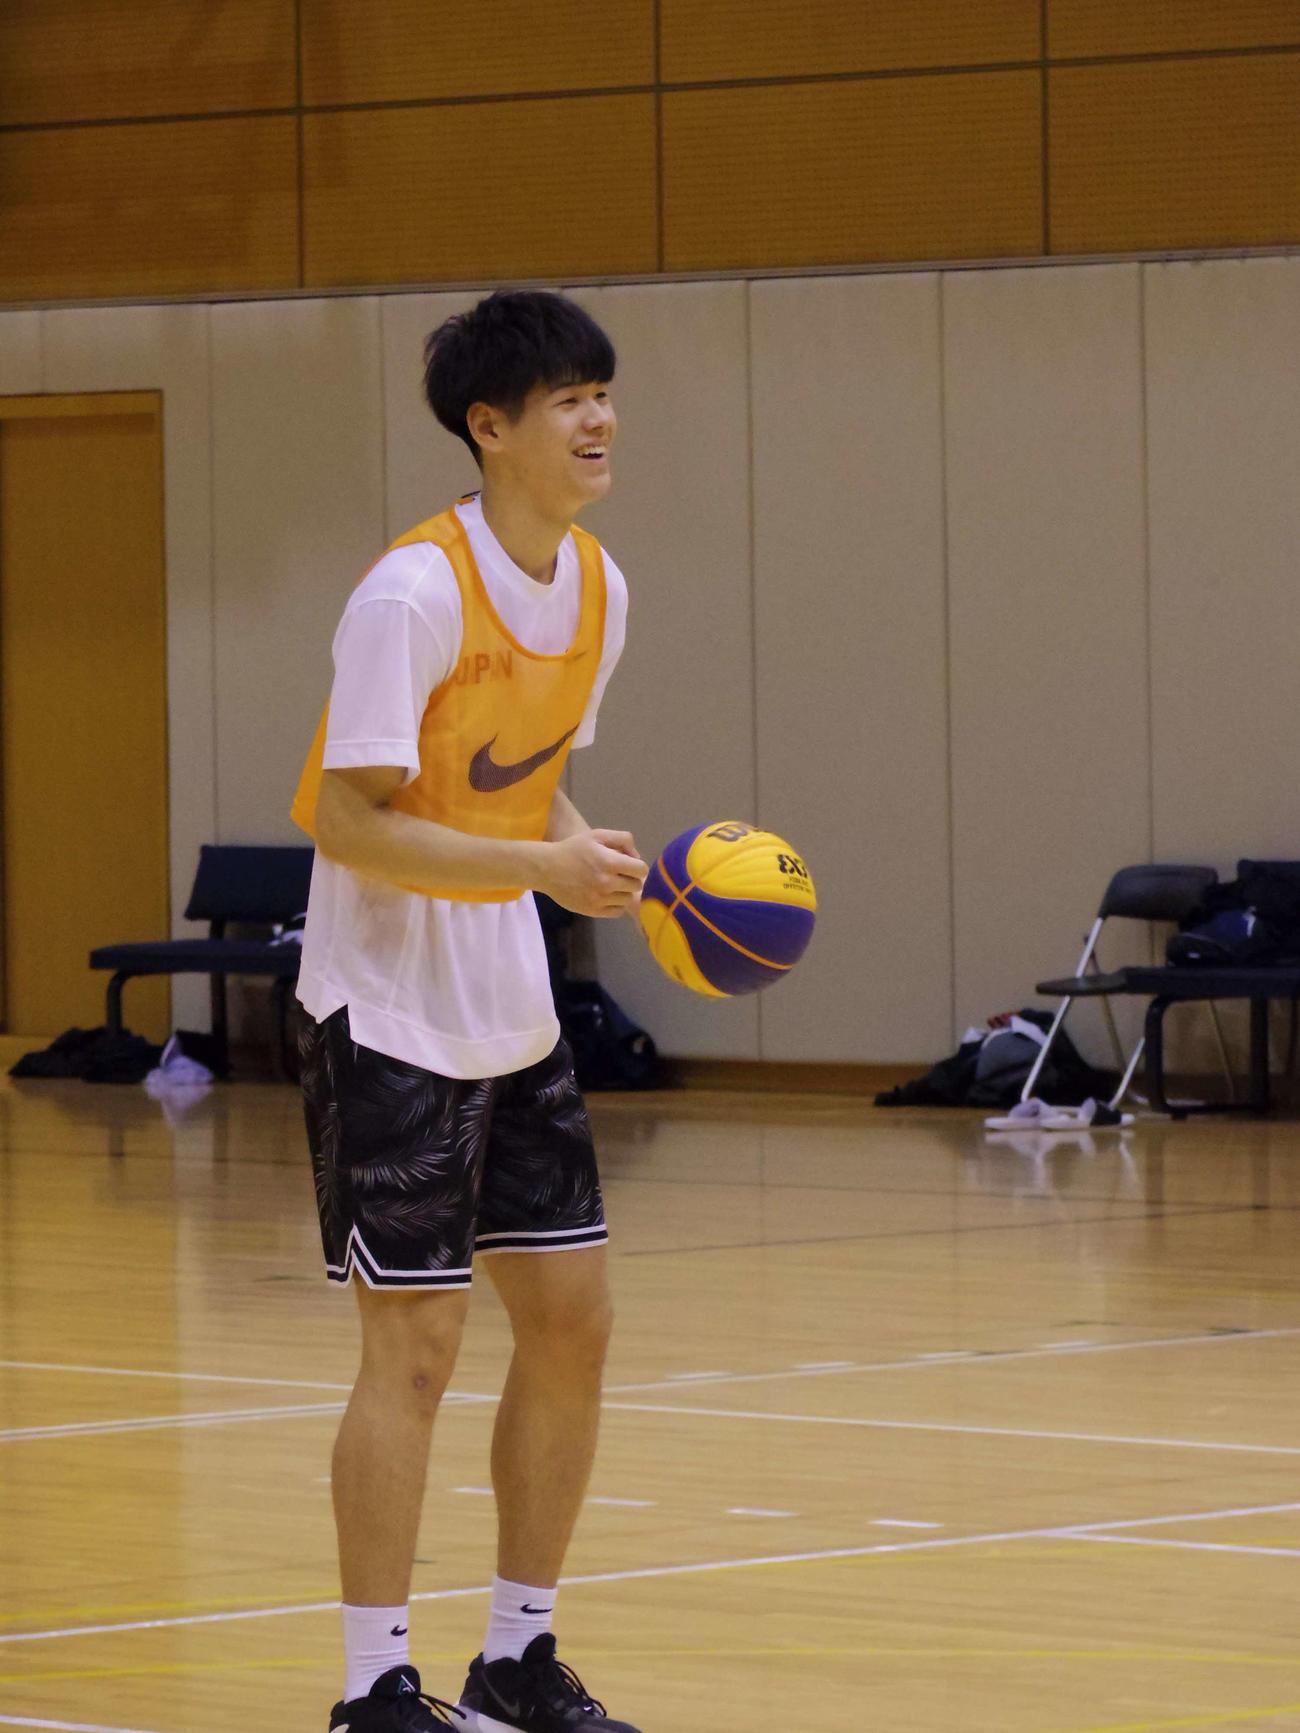 バスケットボール男子3人制日本代表の強化合宿に参加中の西野(撮影・奥岡幹浩)